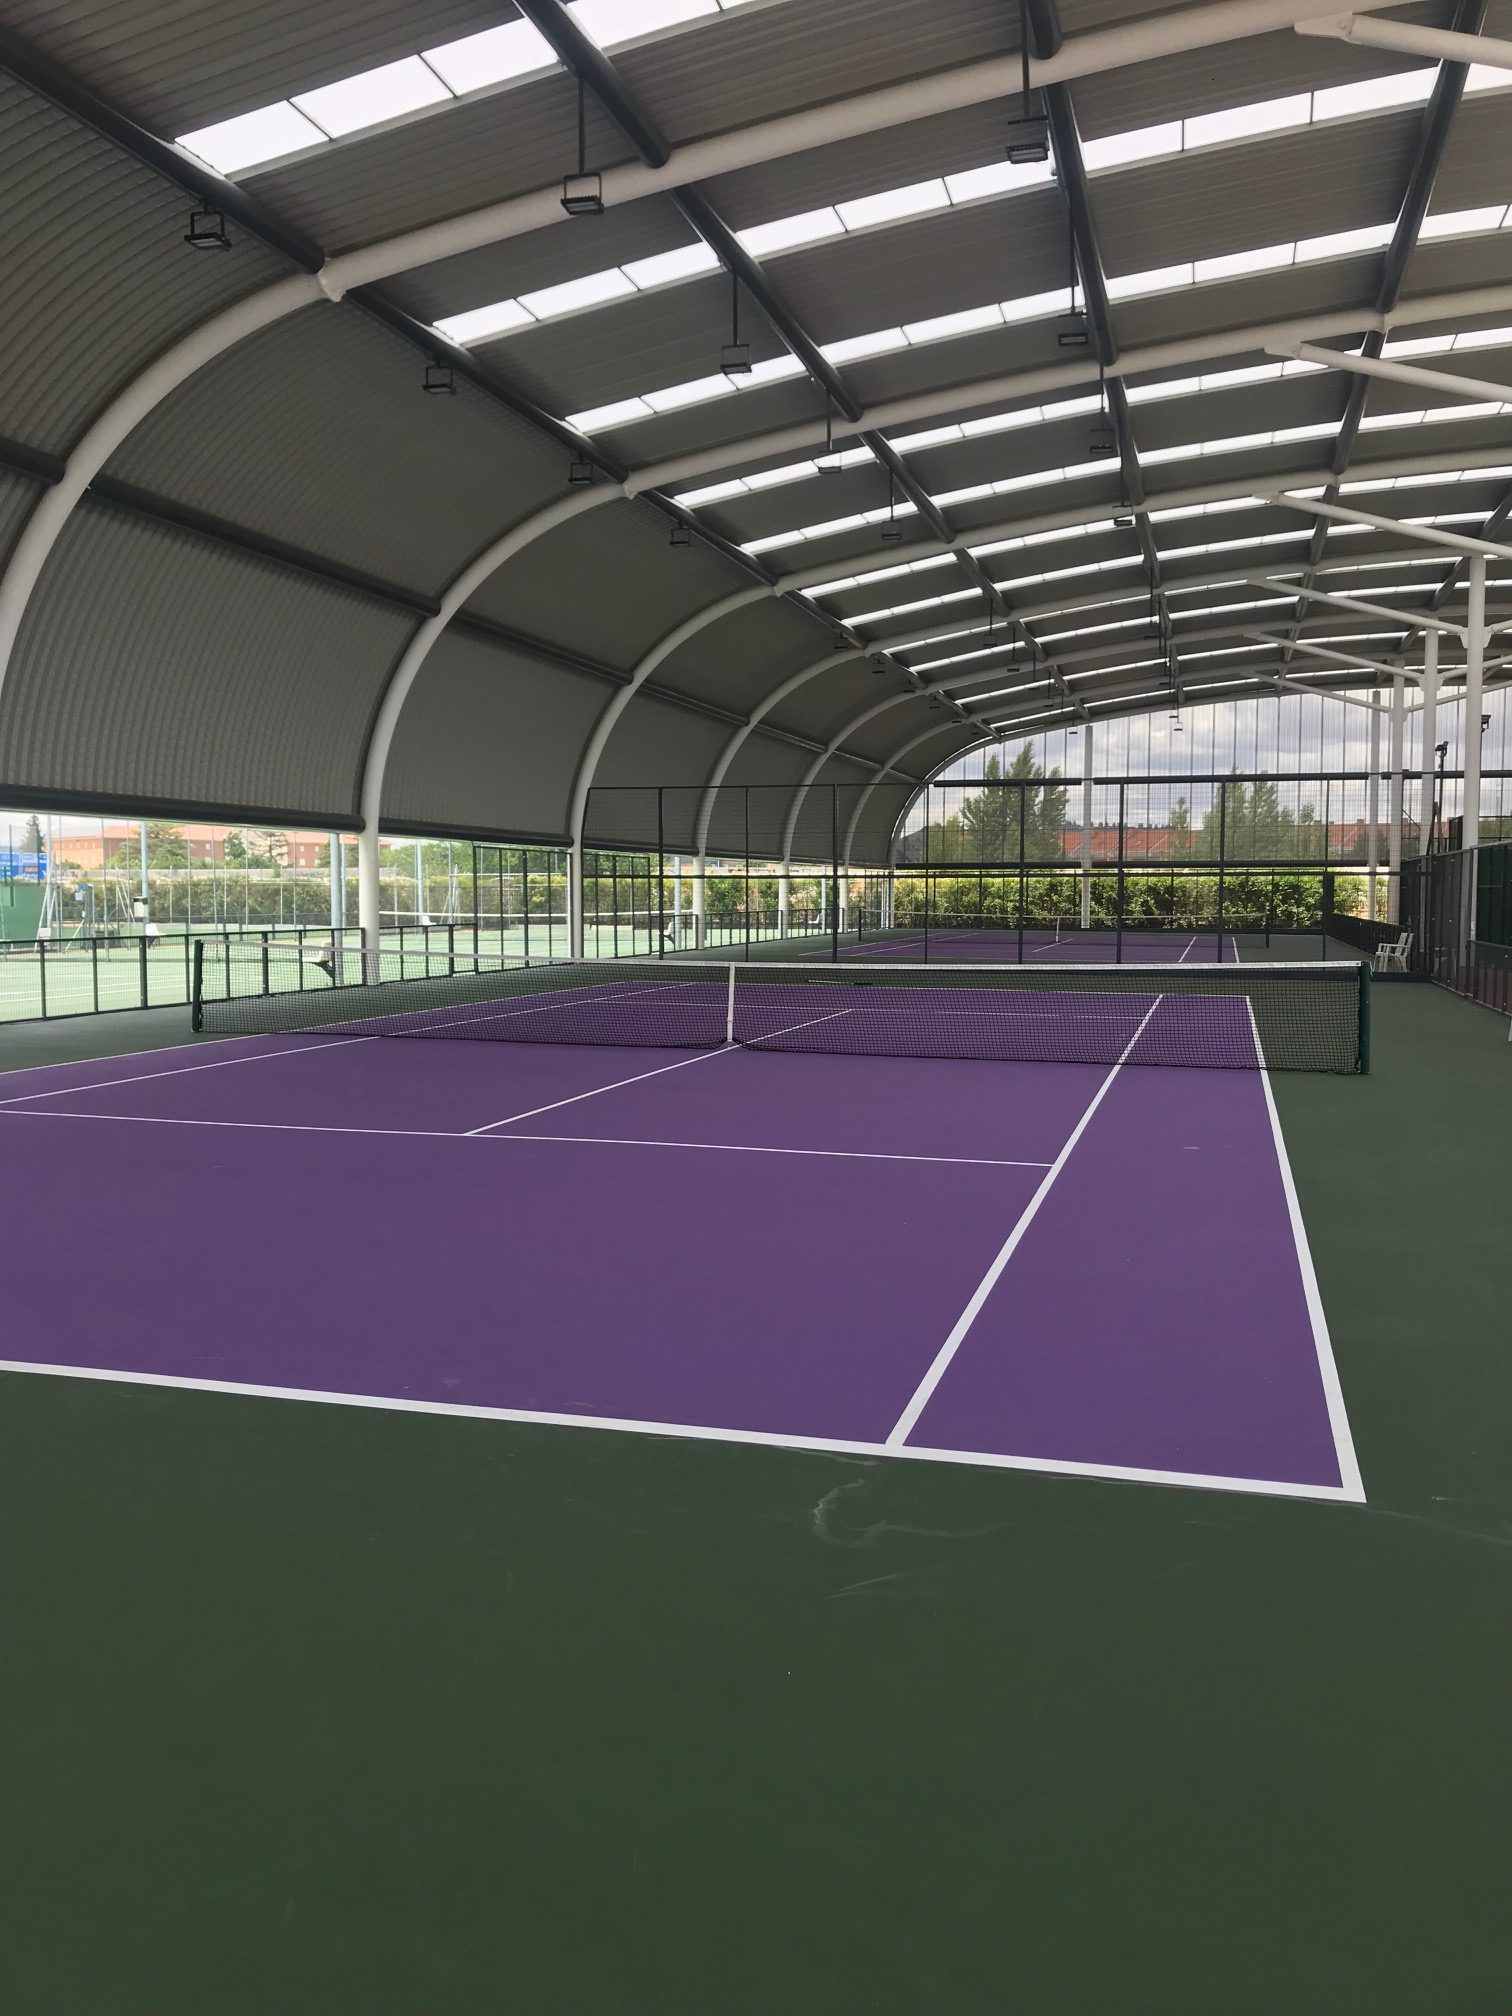 Pista de tenis en Valladolid